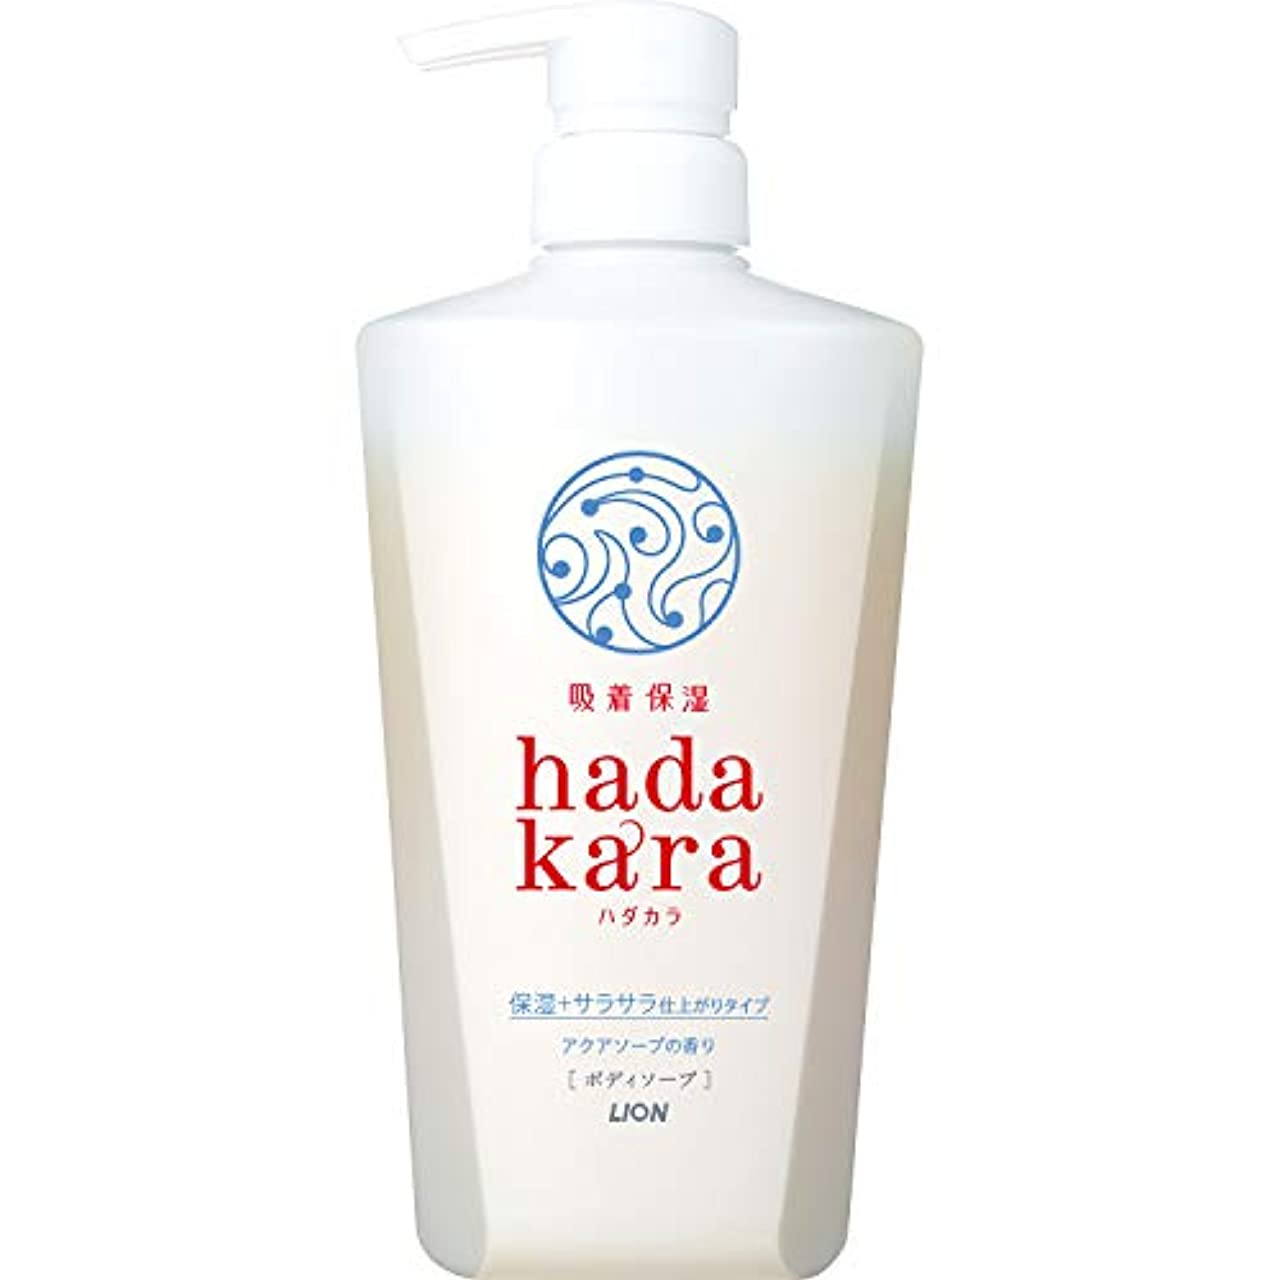 テレックス甘やかすほとんどの場合hadakara(ハダカラ) ボディソープ 保湿+サラサラ仕上がりタイプ アクアソープの香り 本体 480ml